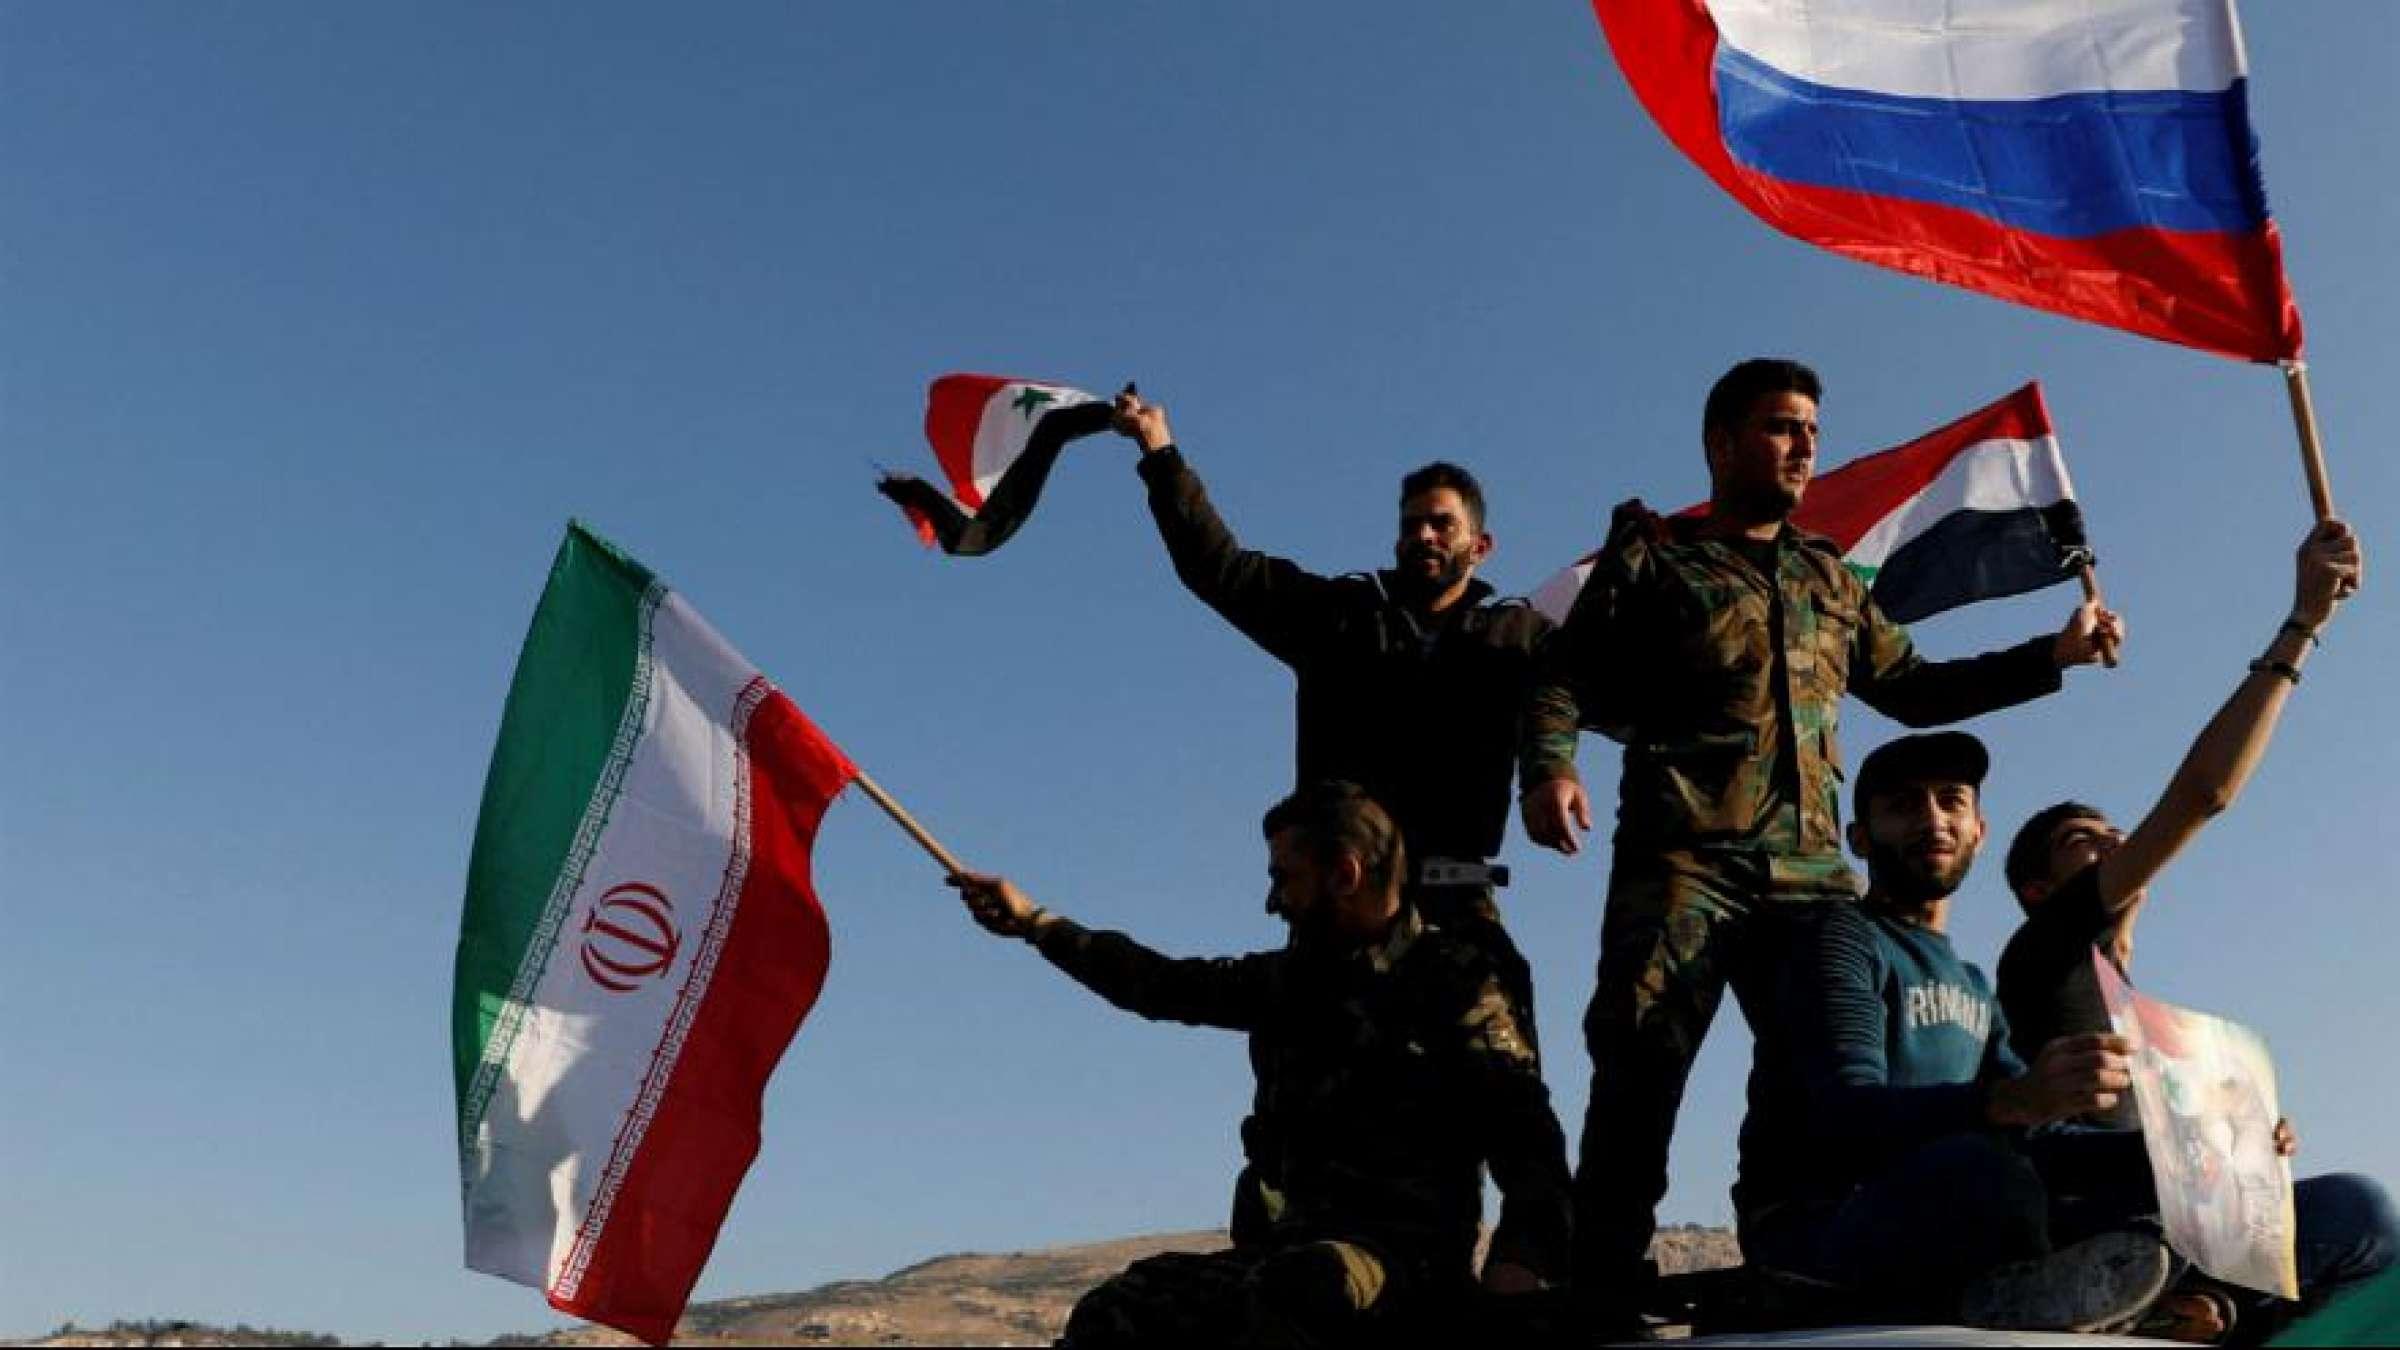 پشت-پرده-مطرح-شدن-خرج-کرد-جمهوری-اسلامی-در-سوریه-چیست